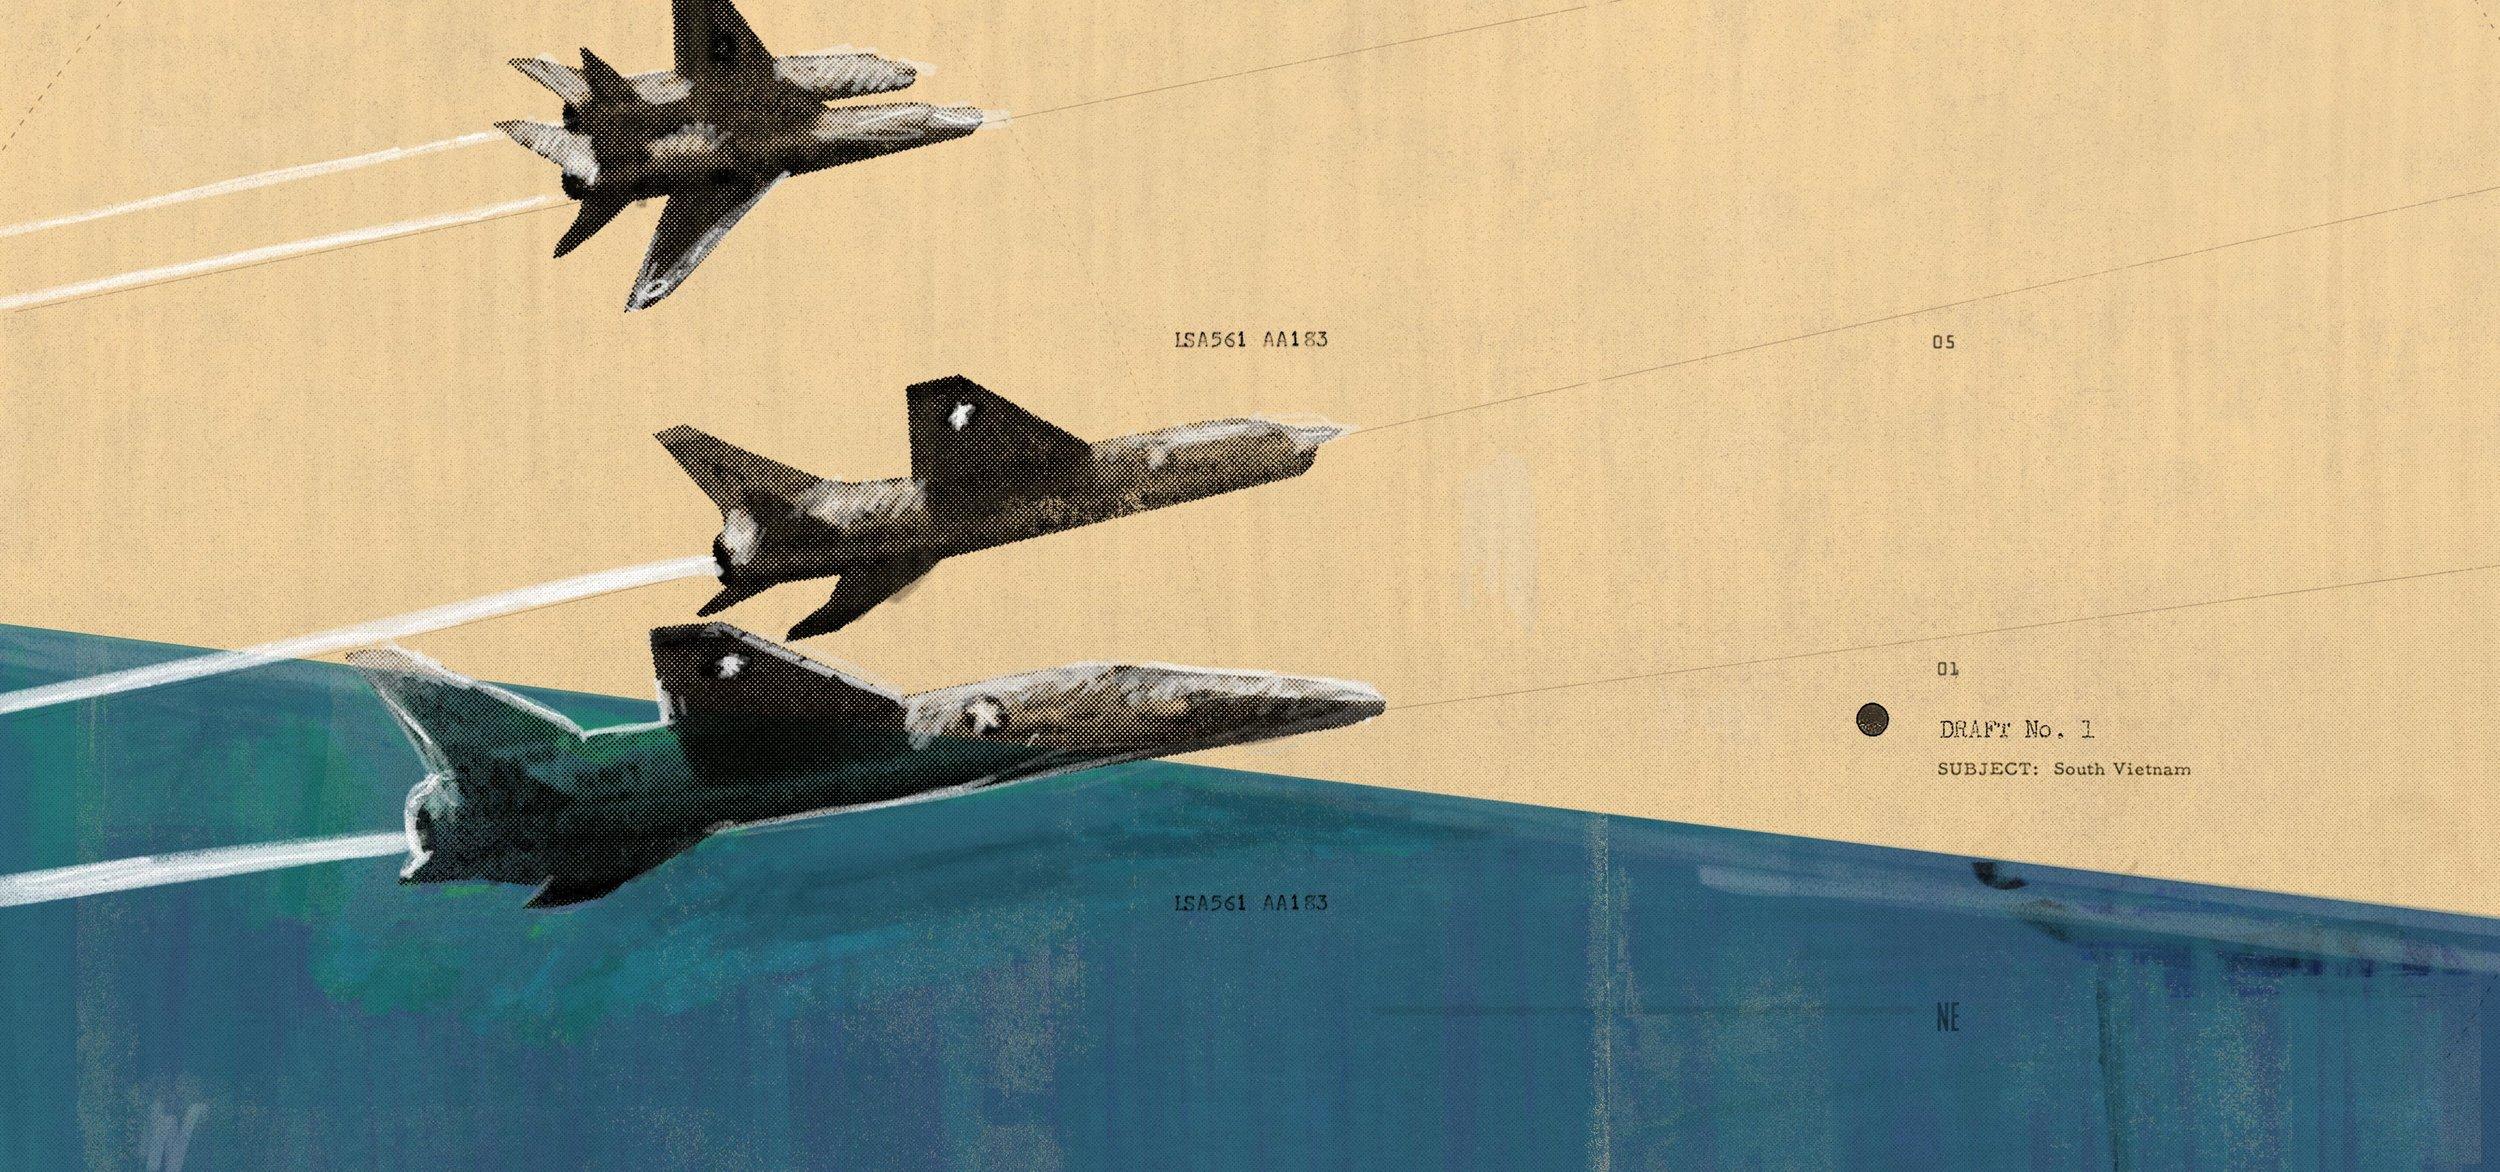 KND_ColdWar_Planes_WEB_CROP-2.jpg